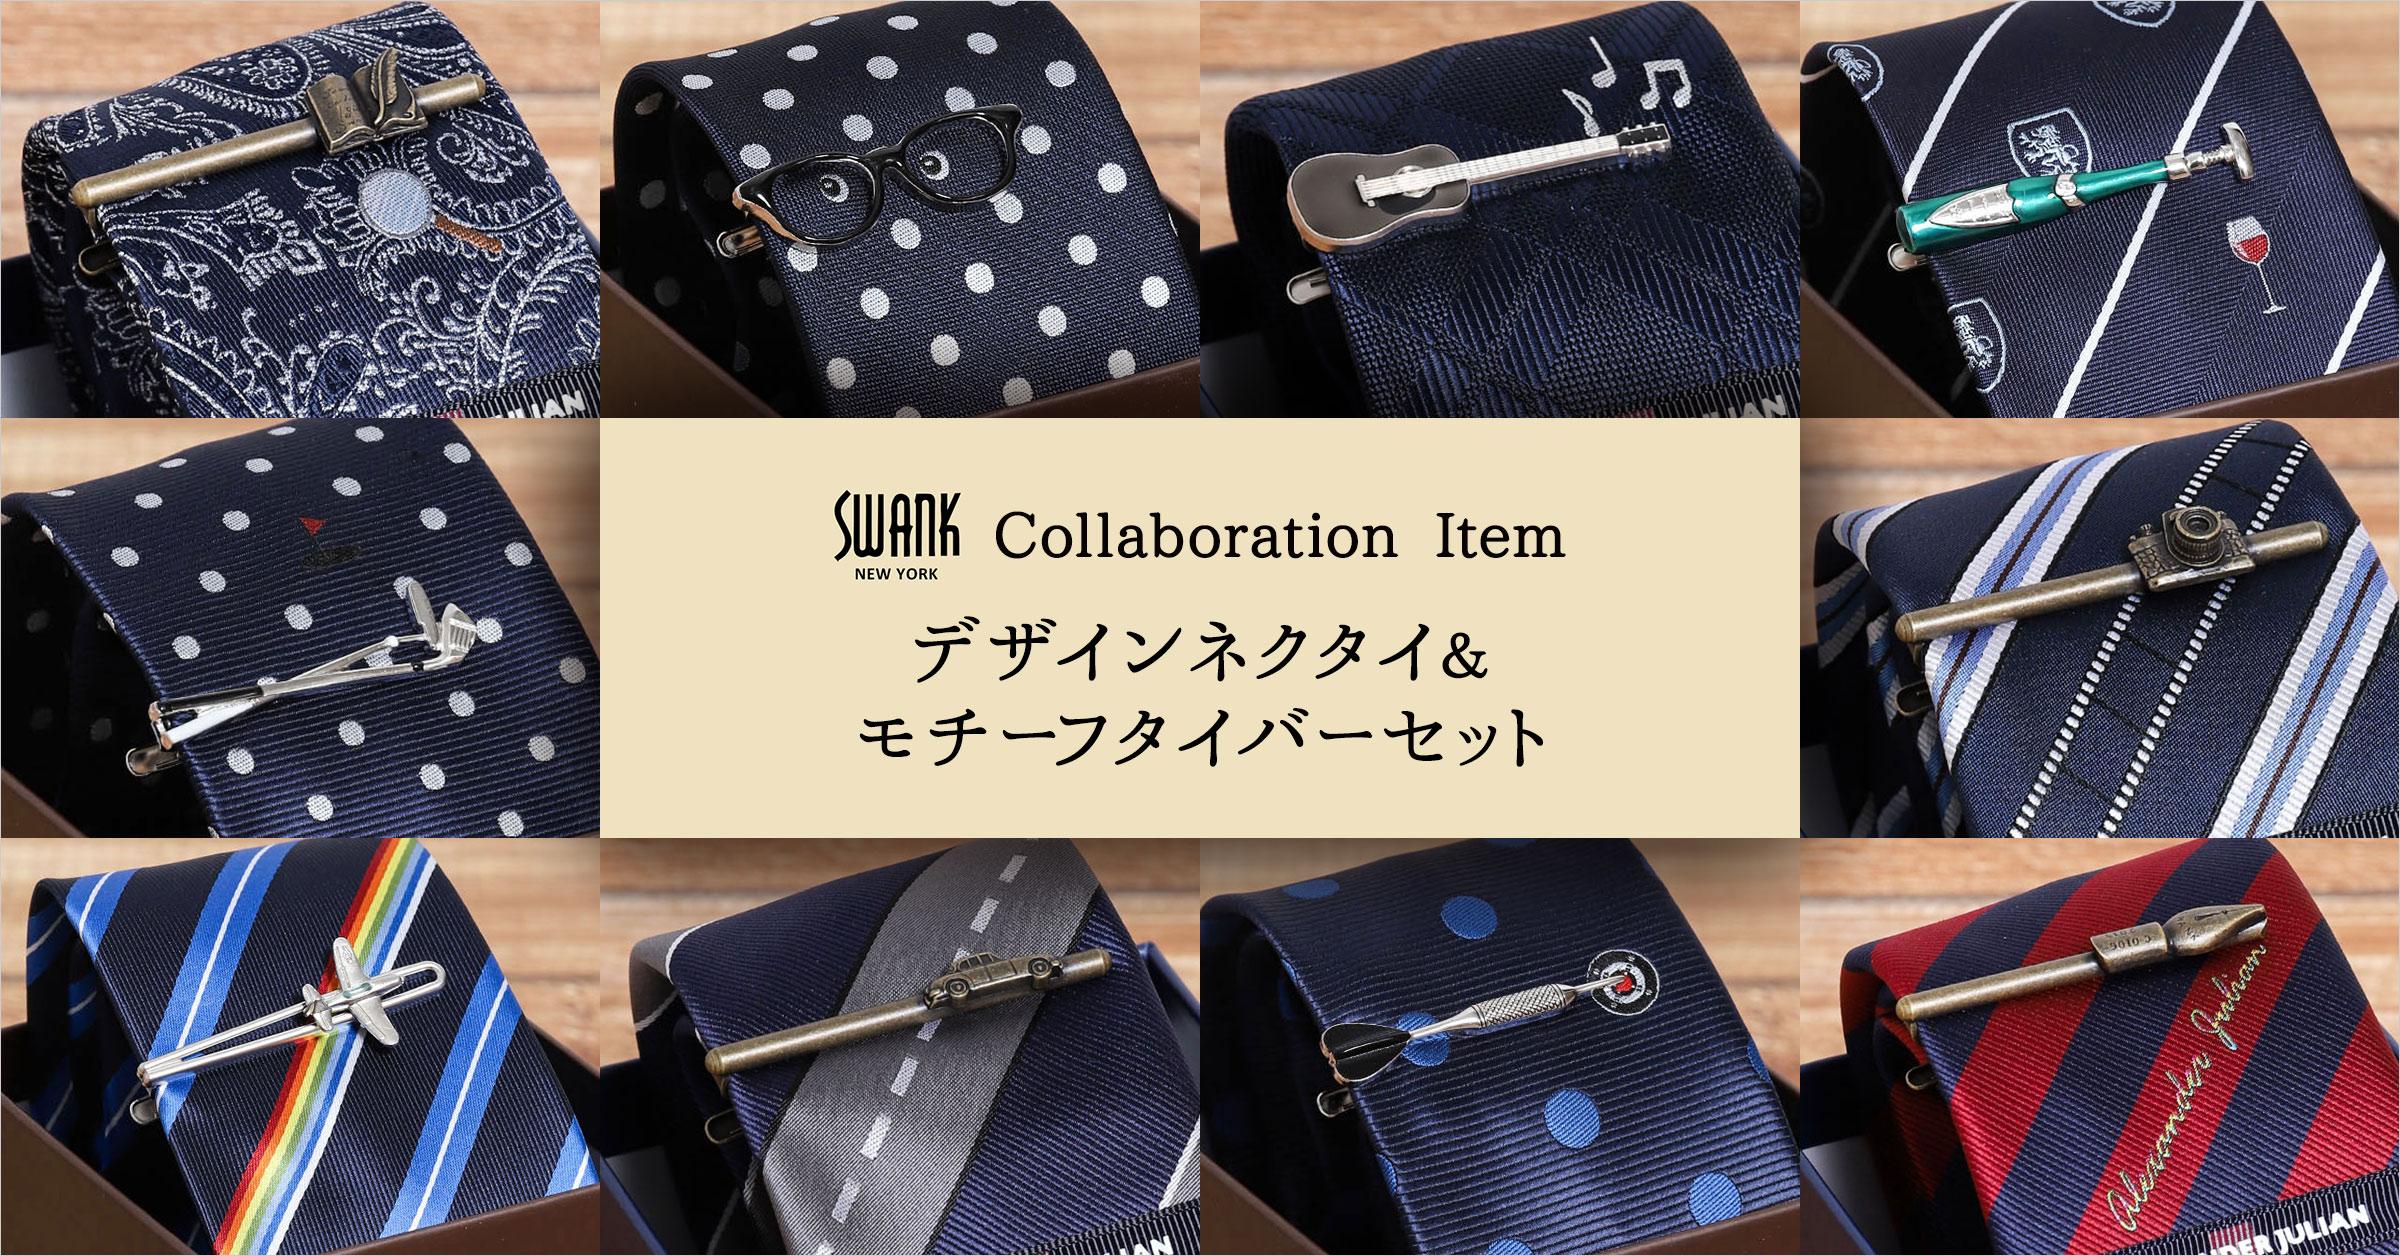 SWANK NY Collaboration Item デザインネクタイ&モチーフタイバーセット